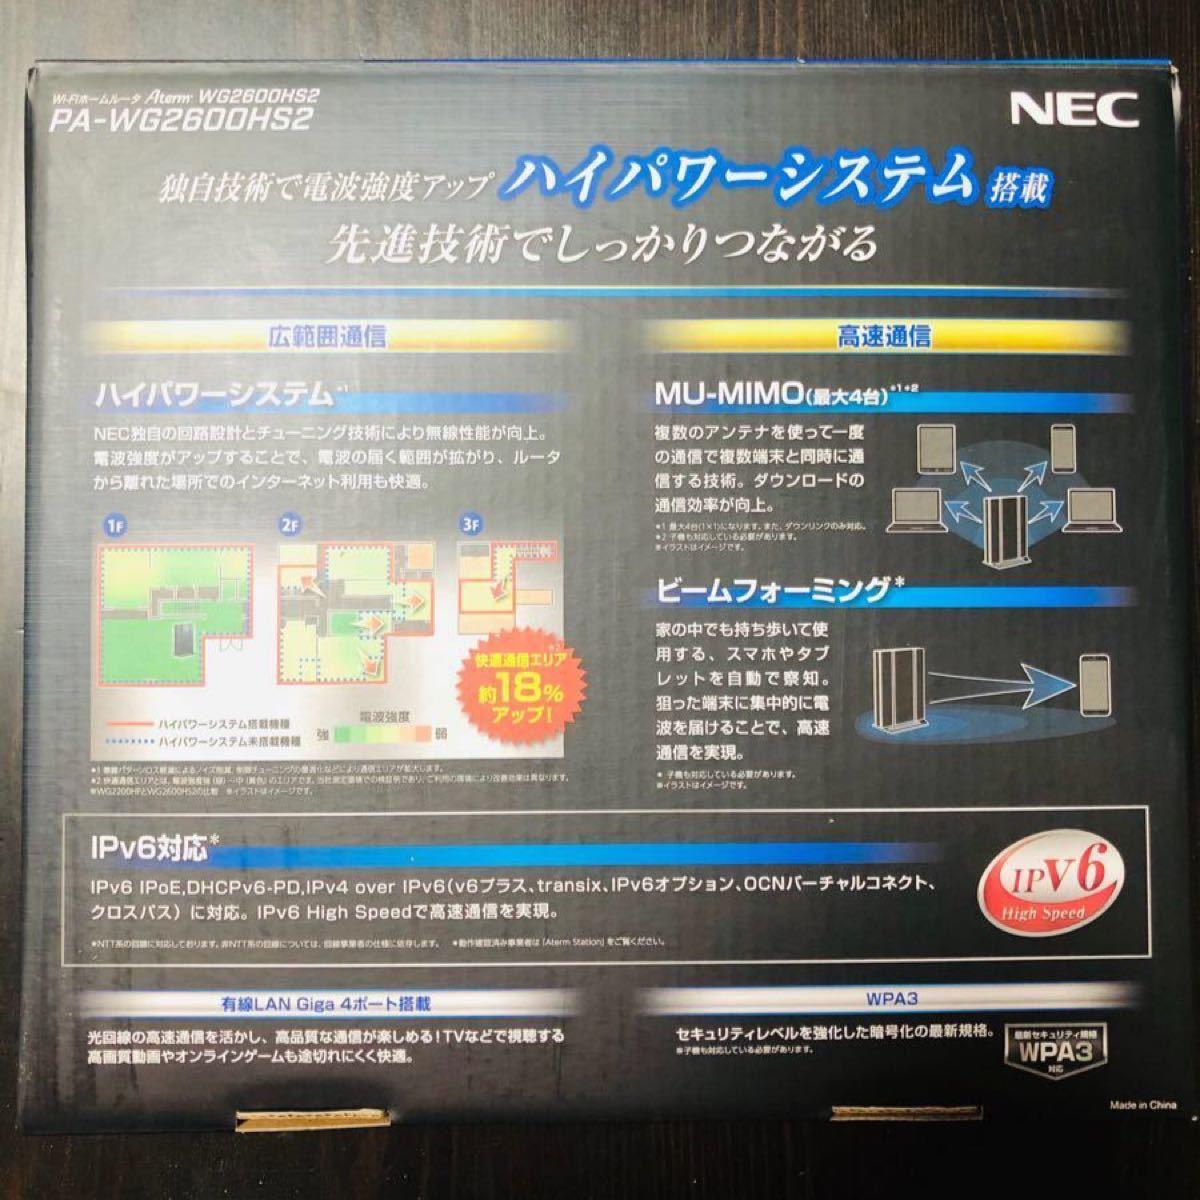 新品未開封 翌日発送! NEC 無線LANルーター Aterm PA-WG2600HS2